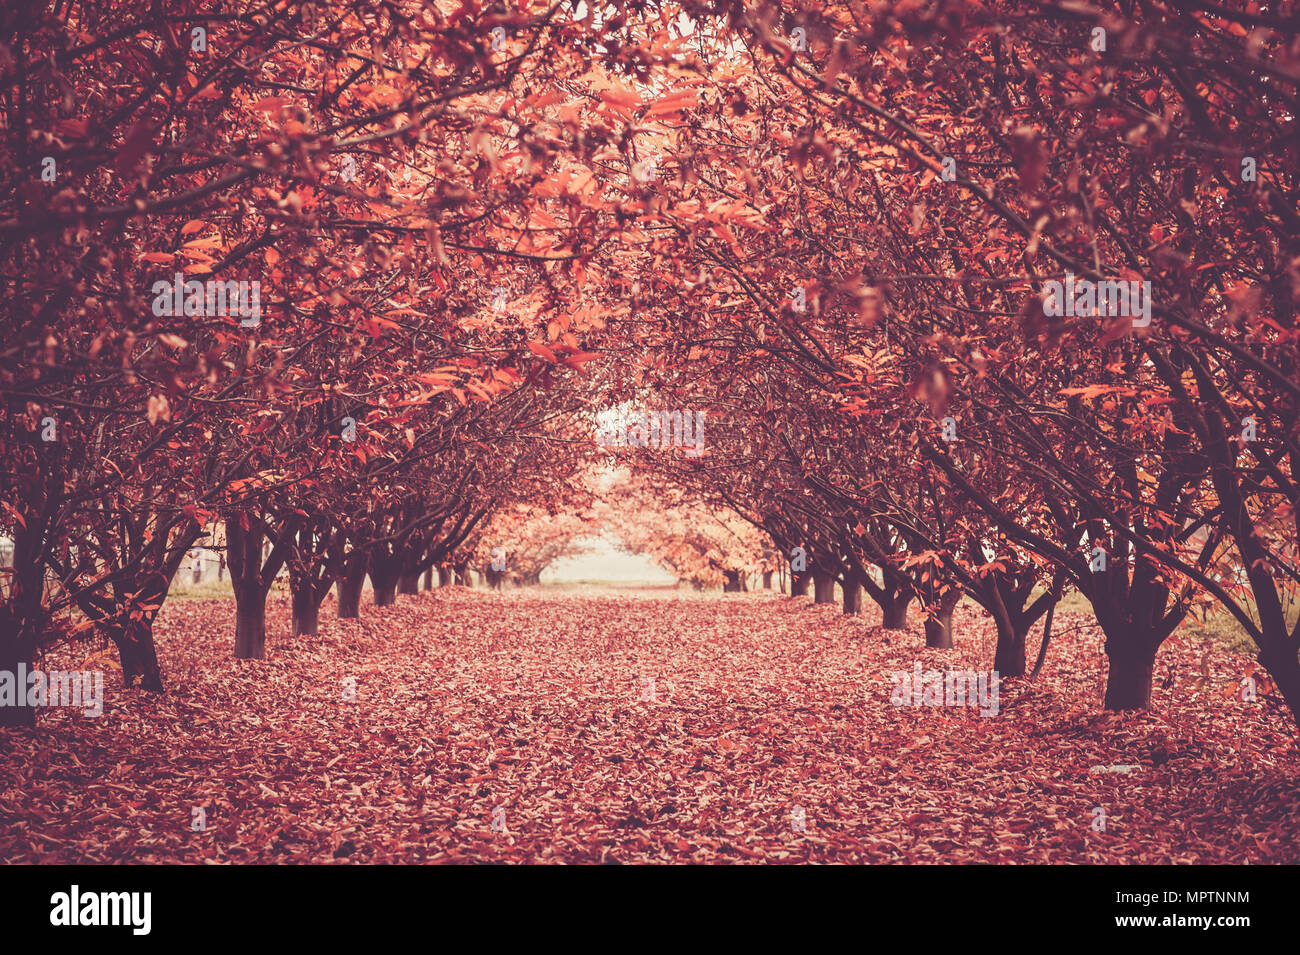 Lange Straße in der Mitte des magischen Wald. Herbst im Freien. Rote Töne und Bäume auf beiden Seiten. Licht am Ende. Stockbild